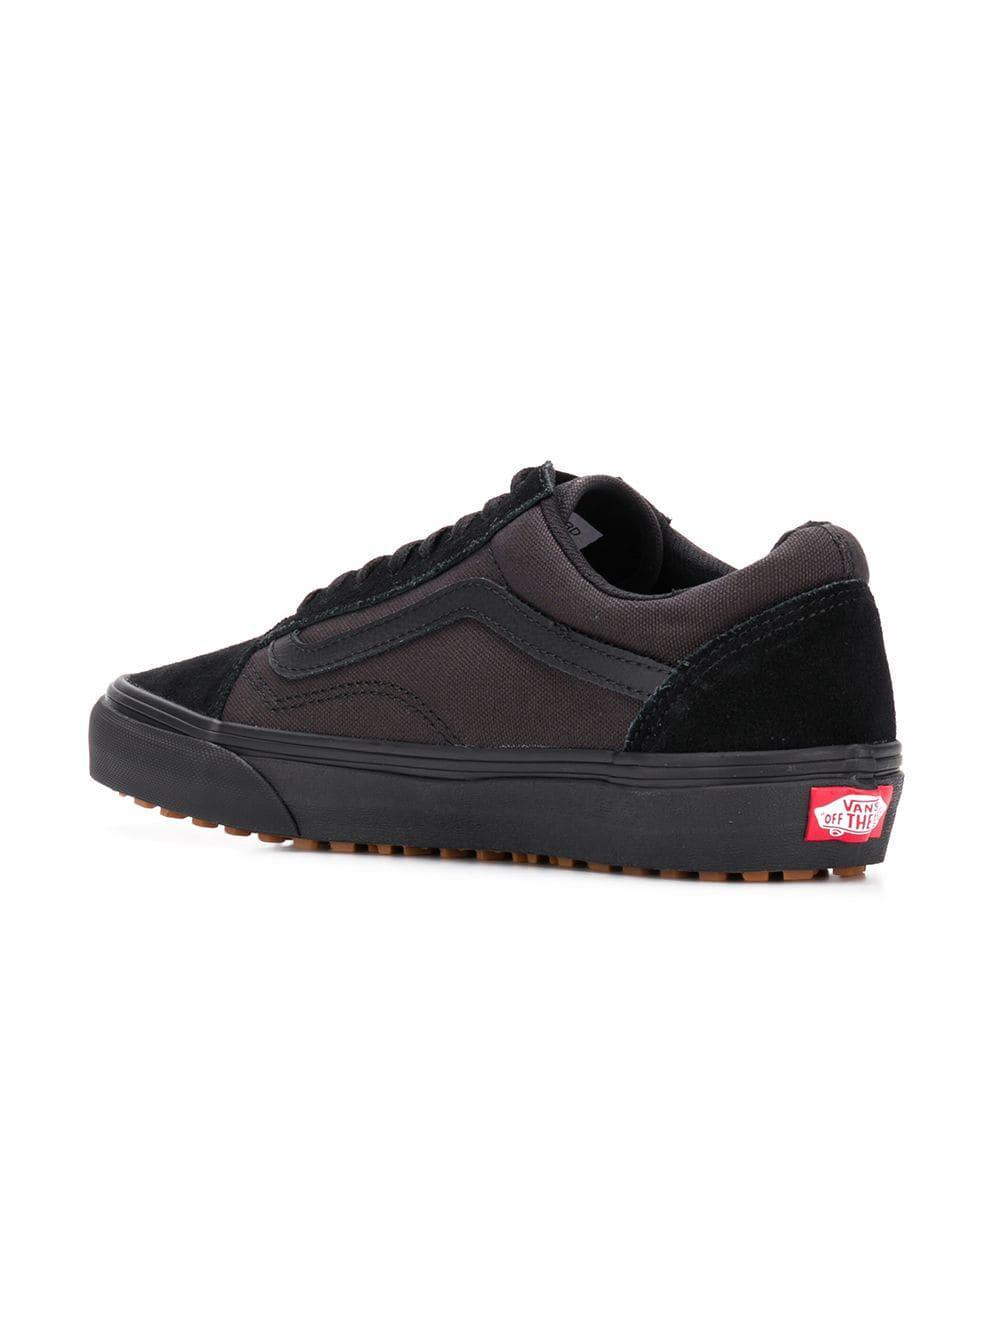 9a7b5cb51fb Vans - Black Old Skool Low Top Sneakers for Men - Lyst. View fullscreen